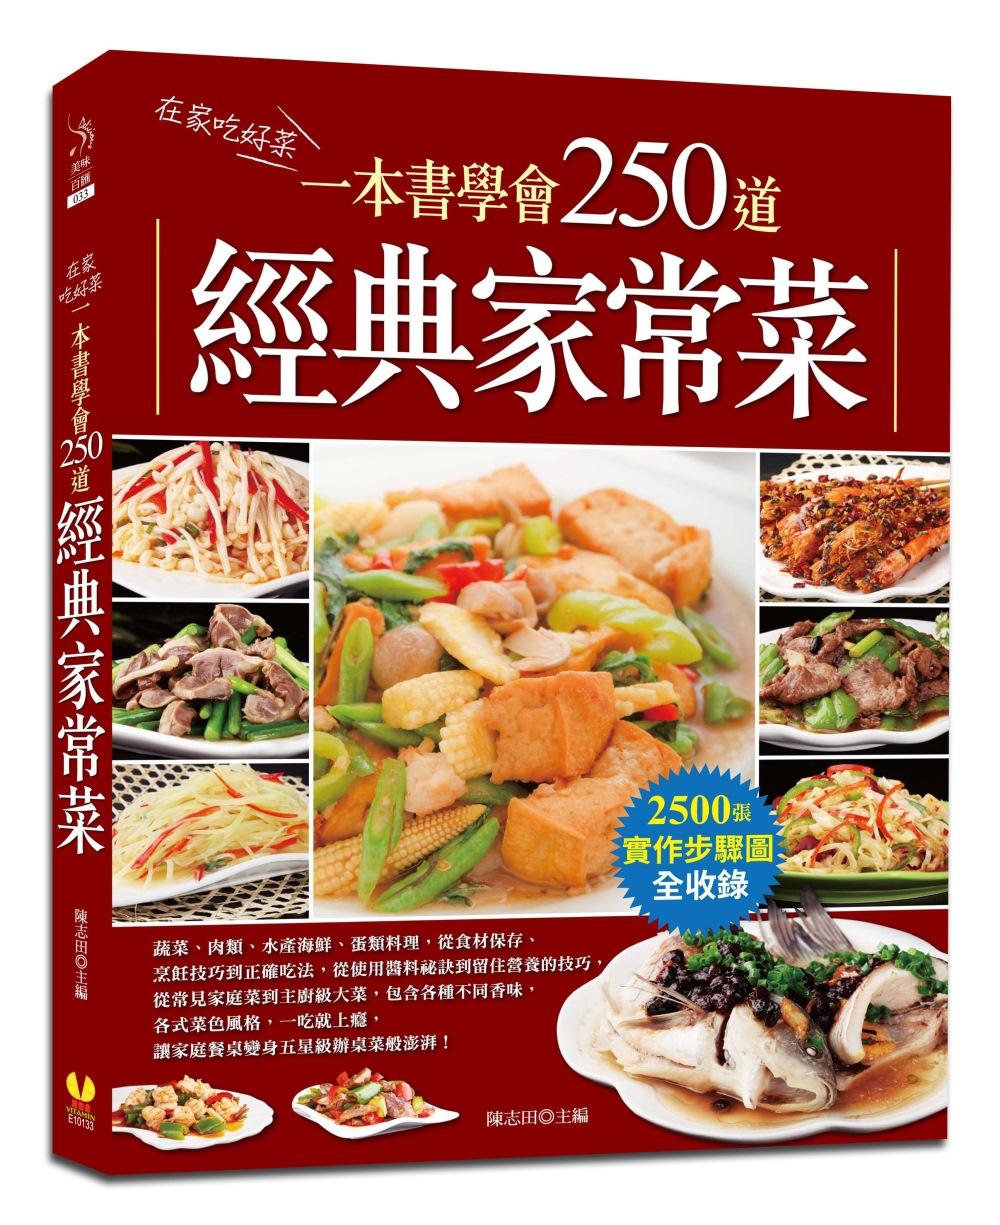 一本書學會250道經典家常菜:超過2500張實作步驟圖全收錄